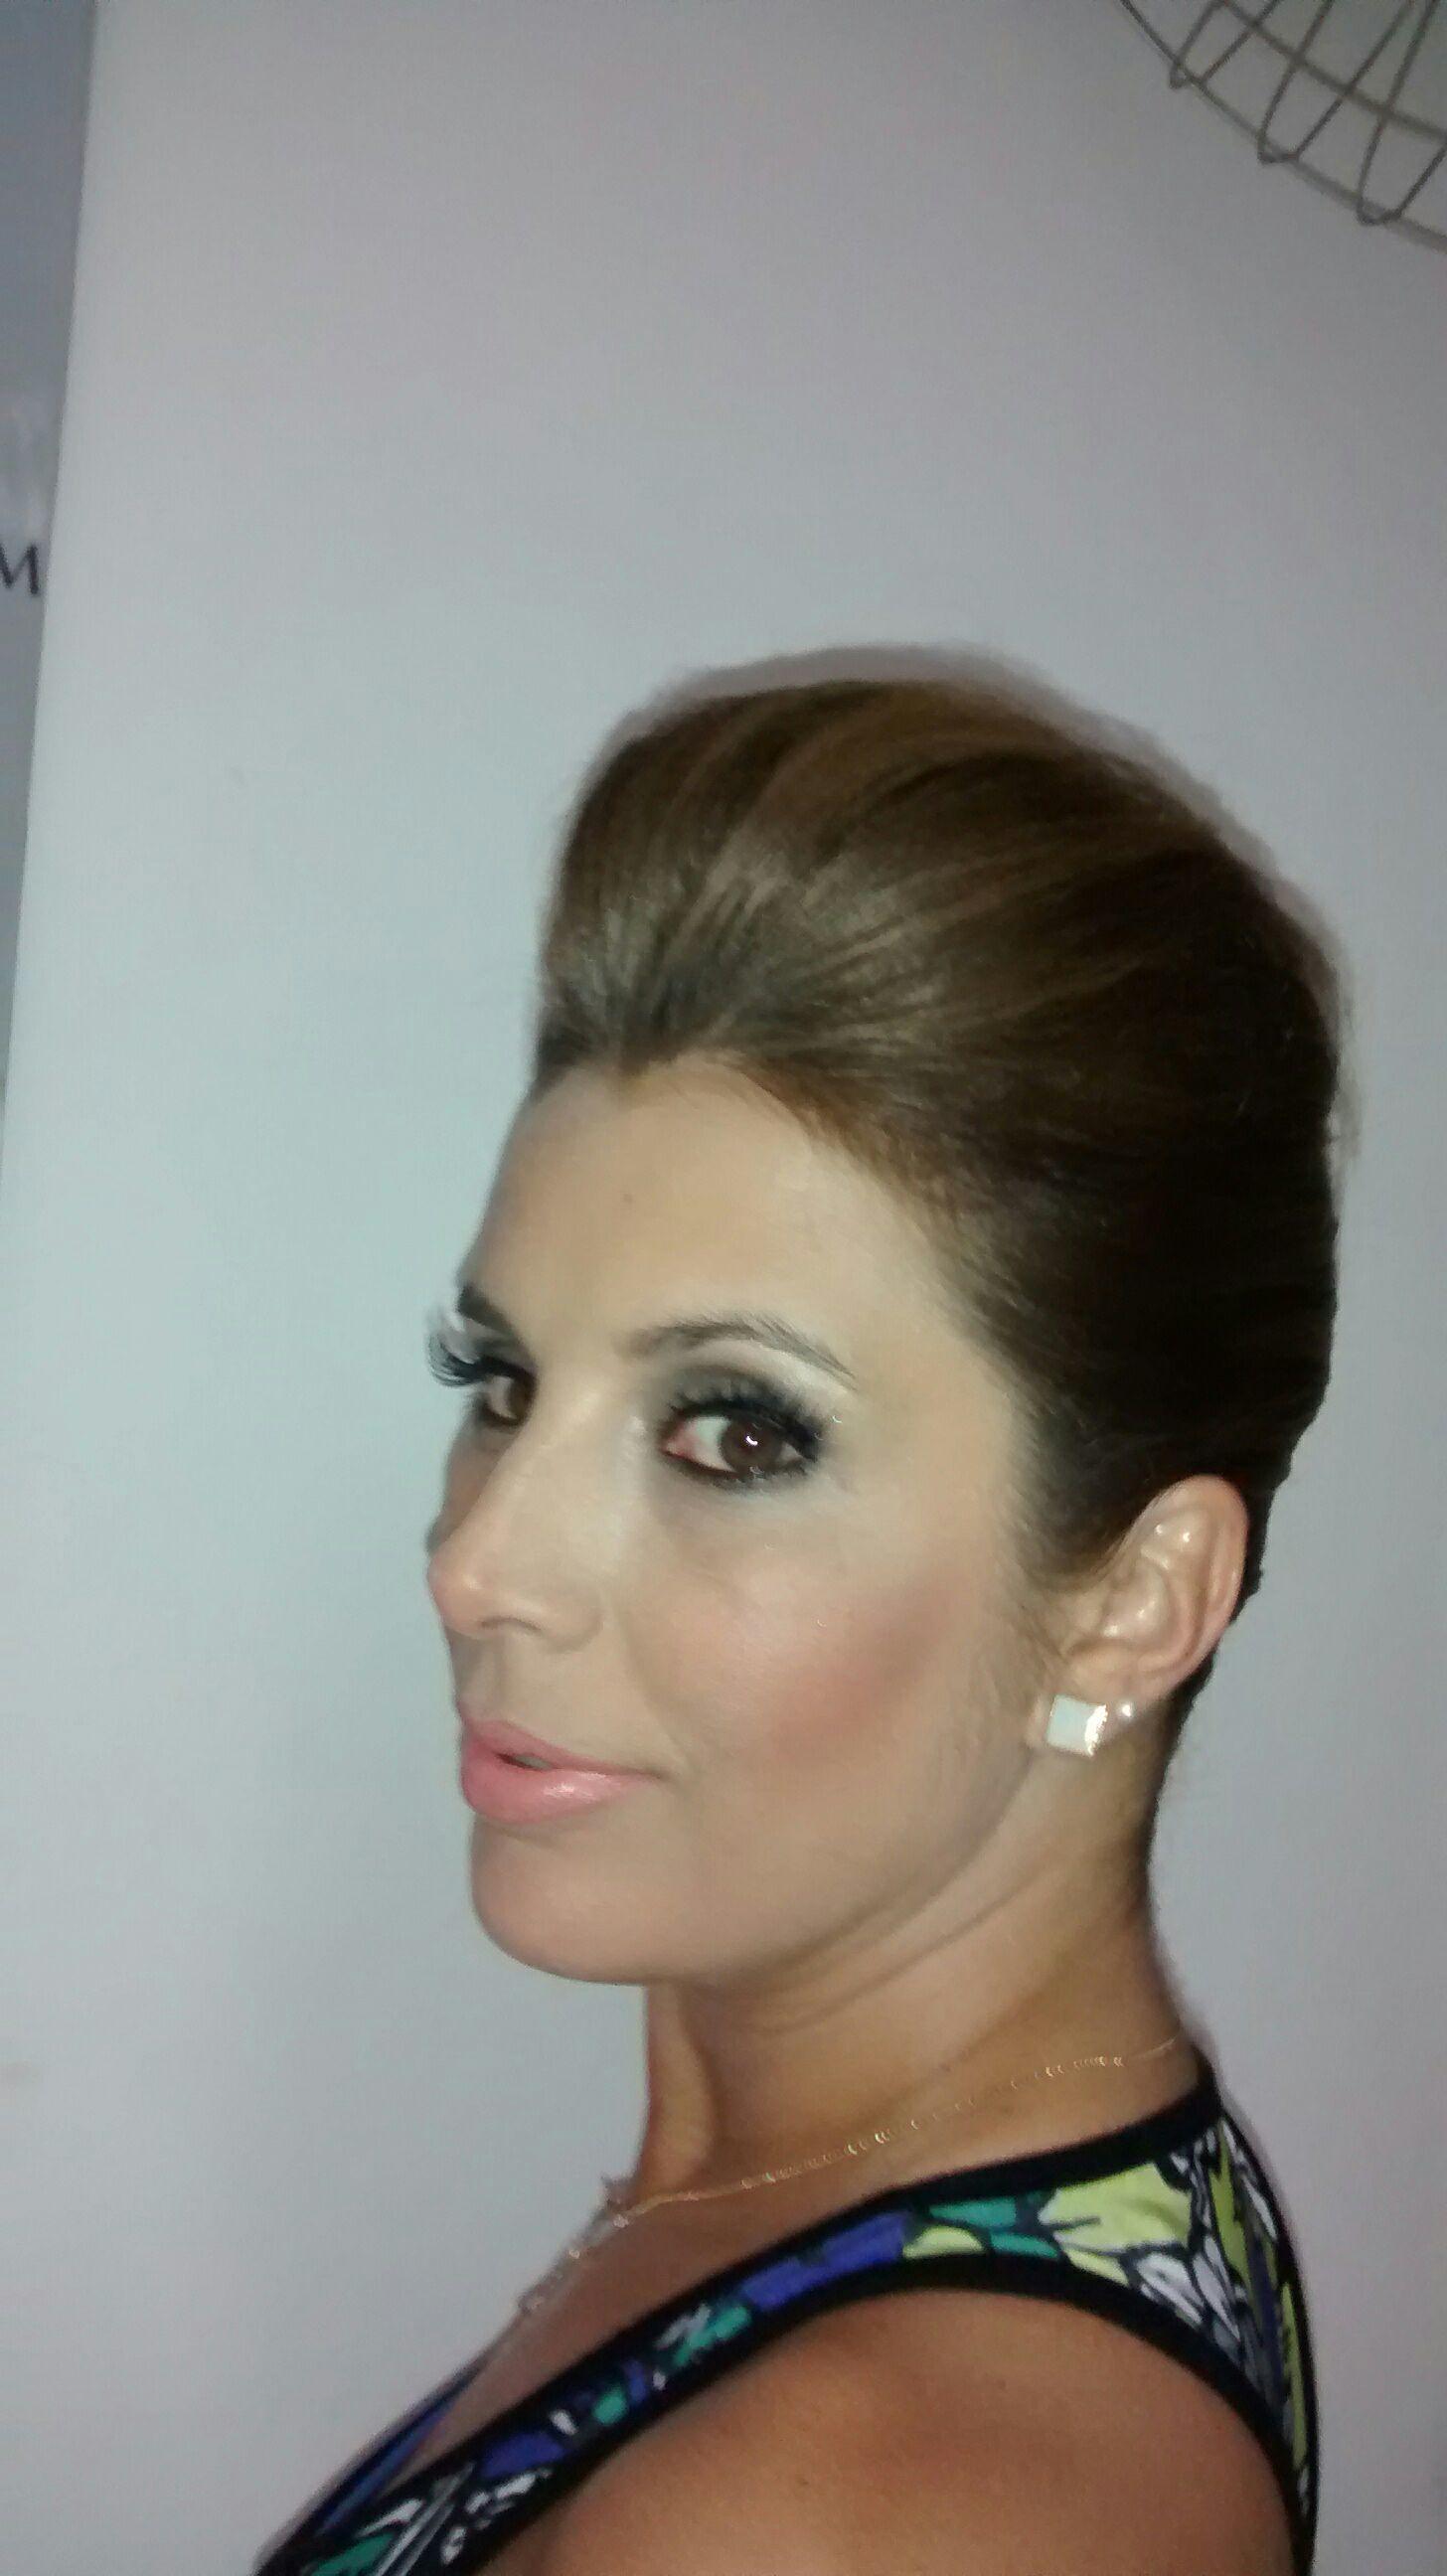 Penteado e make-up cabelo cabeleireiro(a) maquiador(a) stylist / visagista gerente